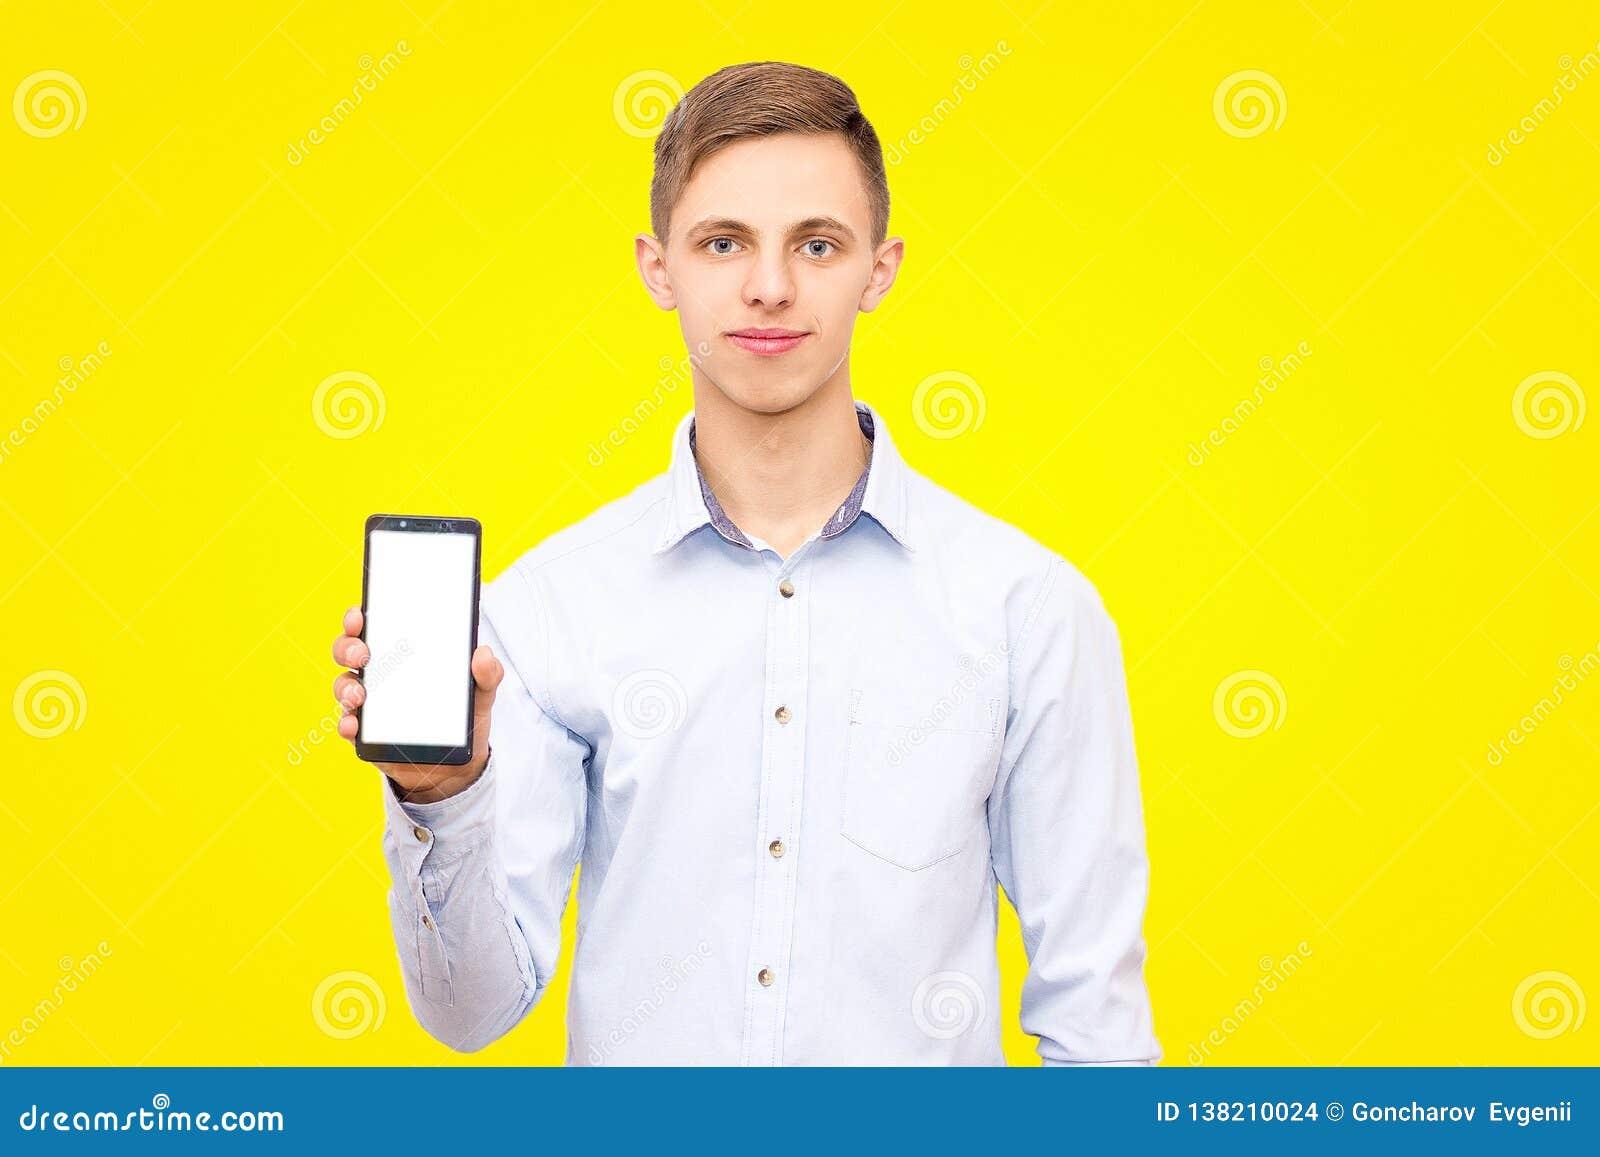 Grabben i den blåa skjortan annonserar telefonen som isoleras på en gul bakgrund